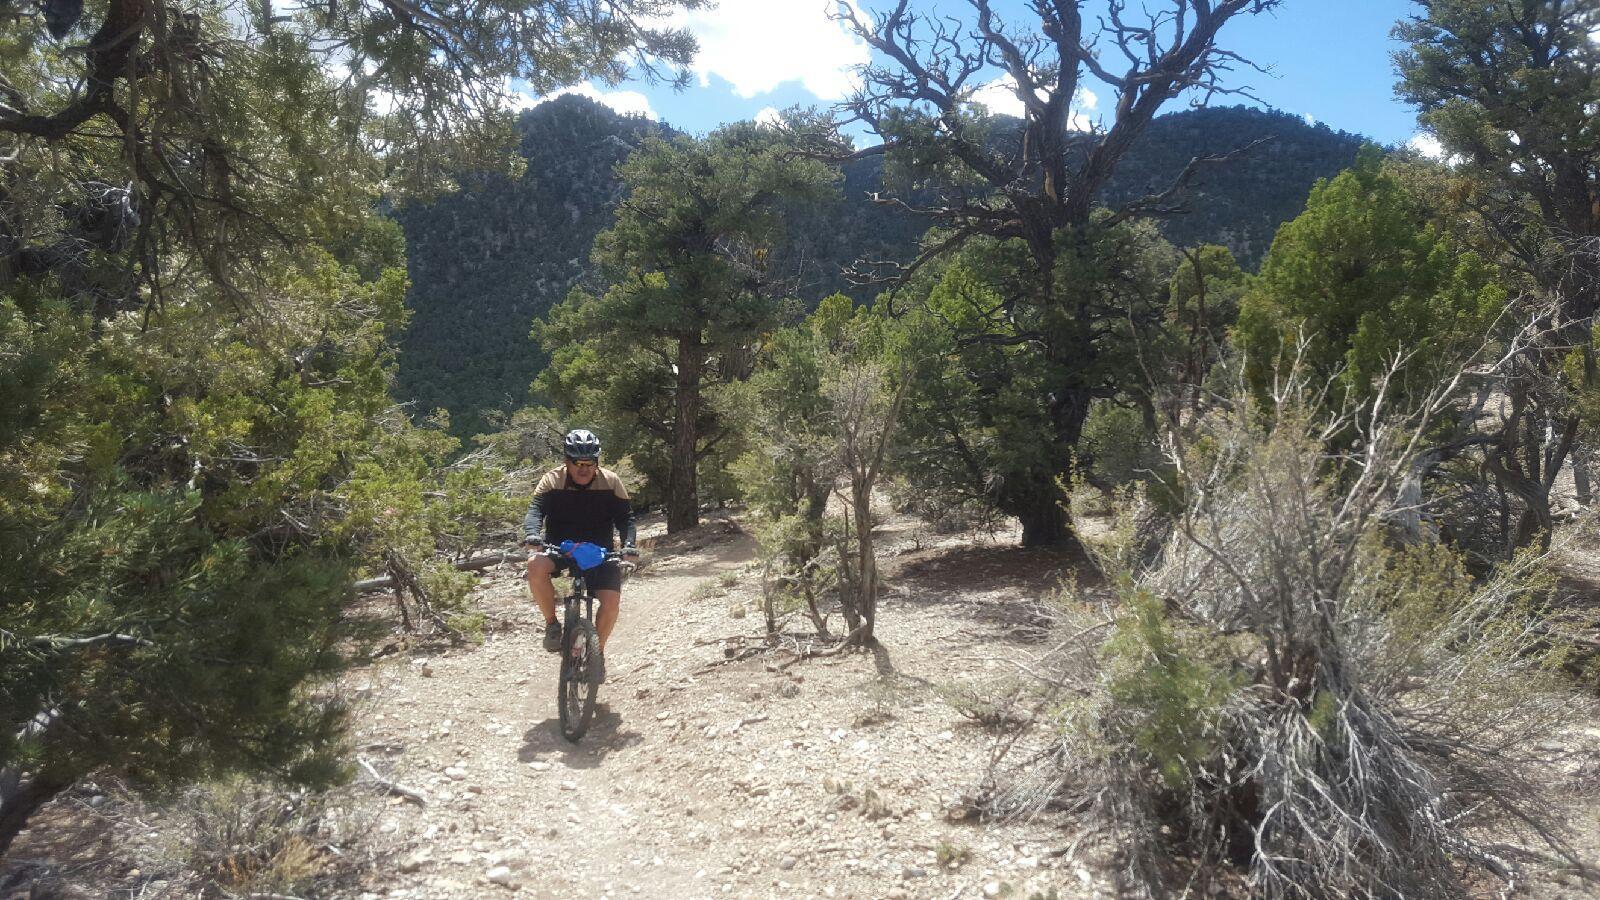 Al Martinez riding a trail in Nevada